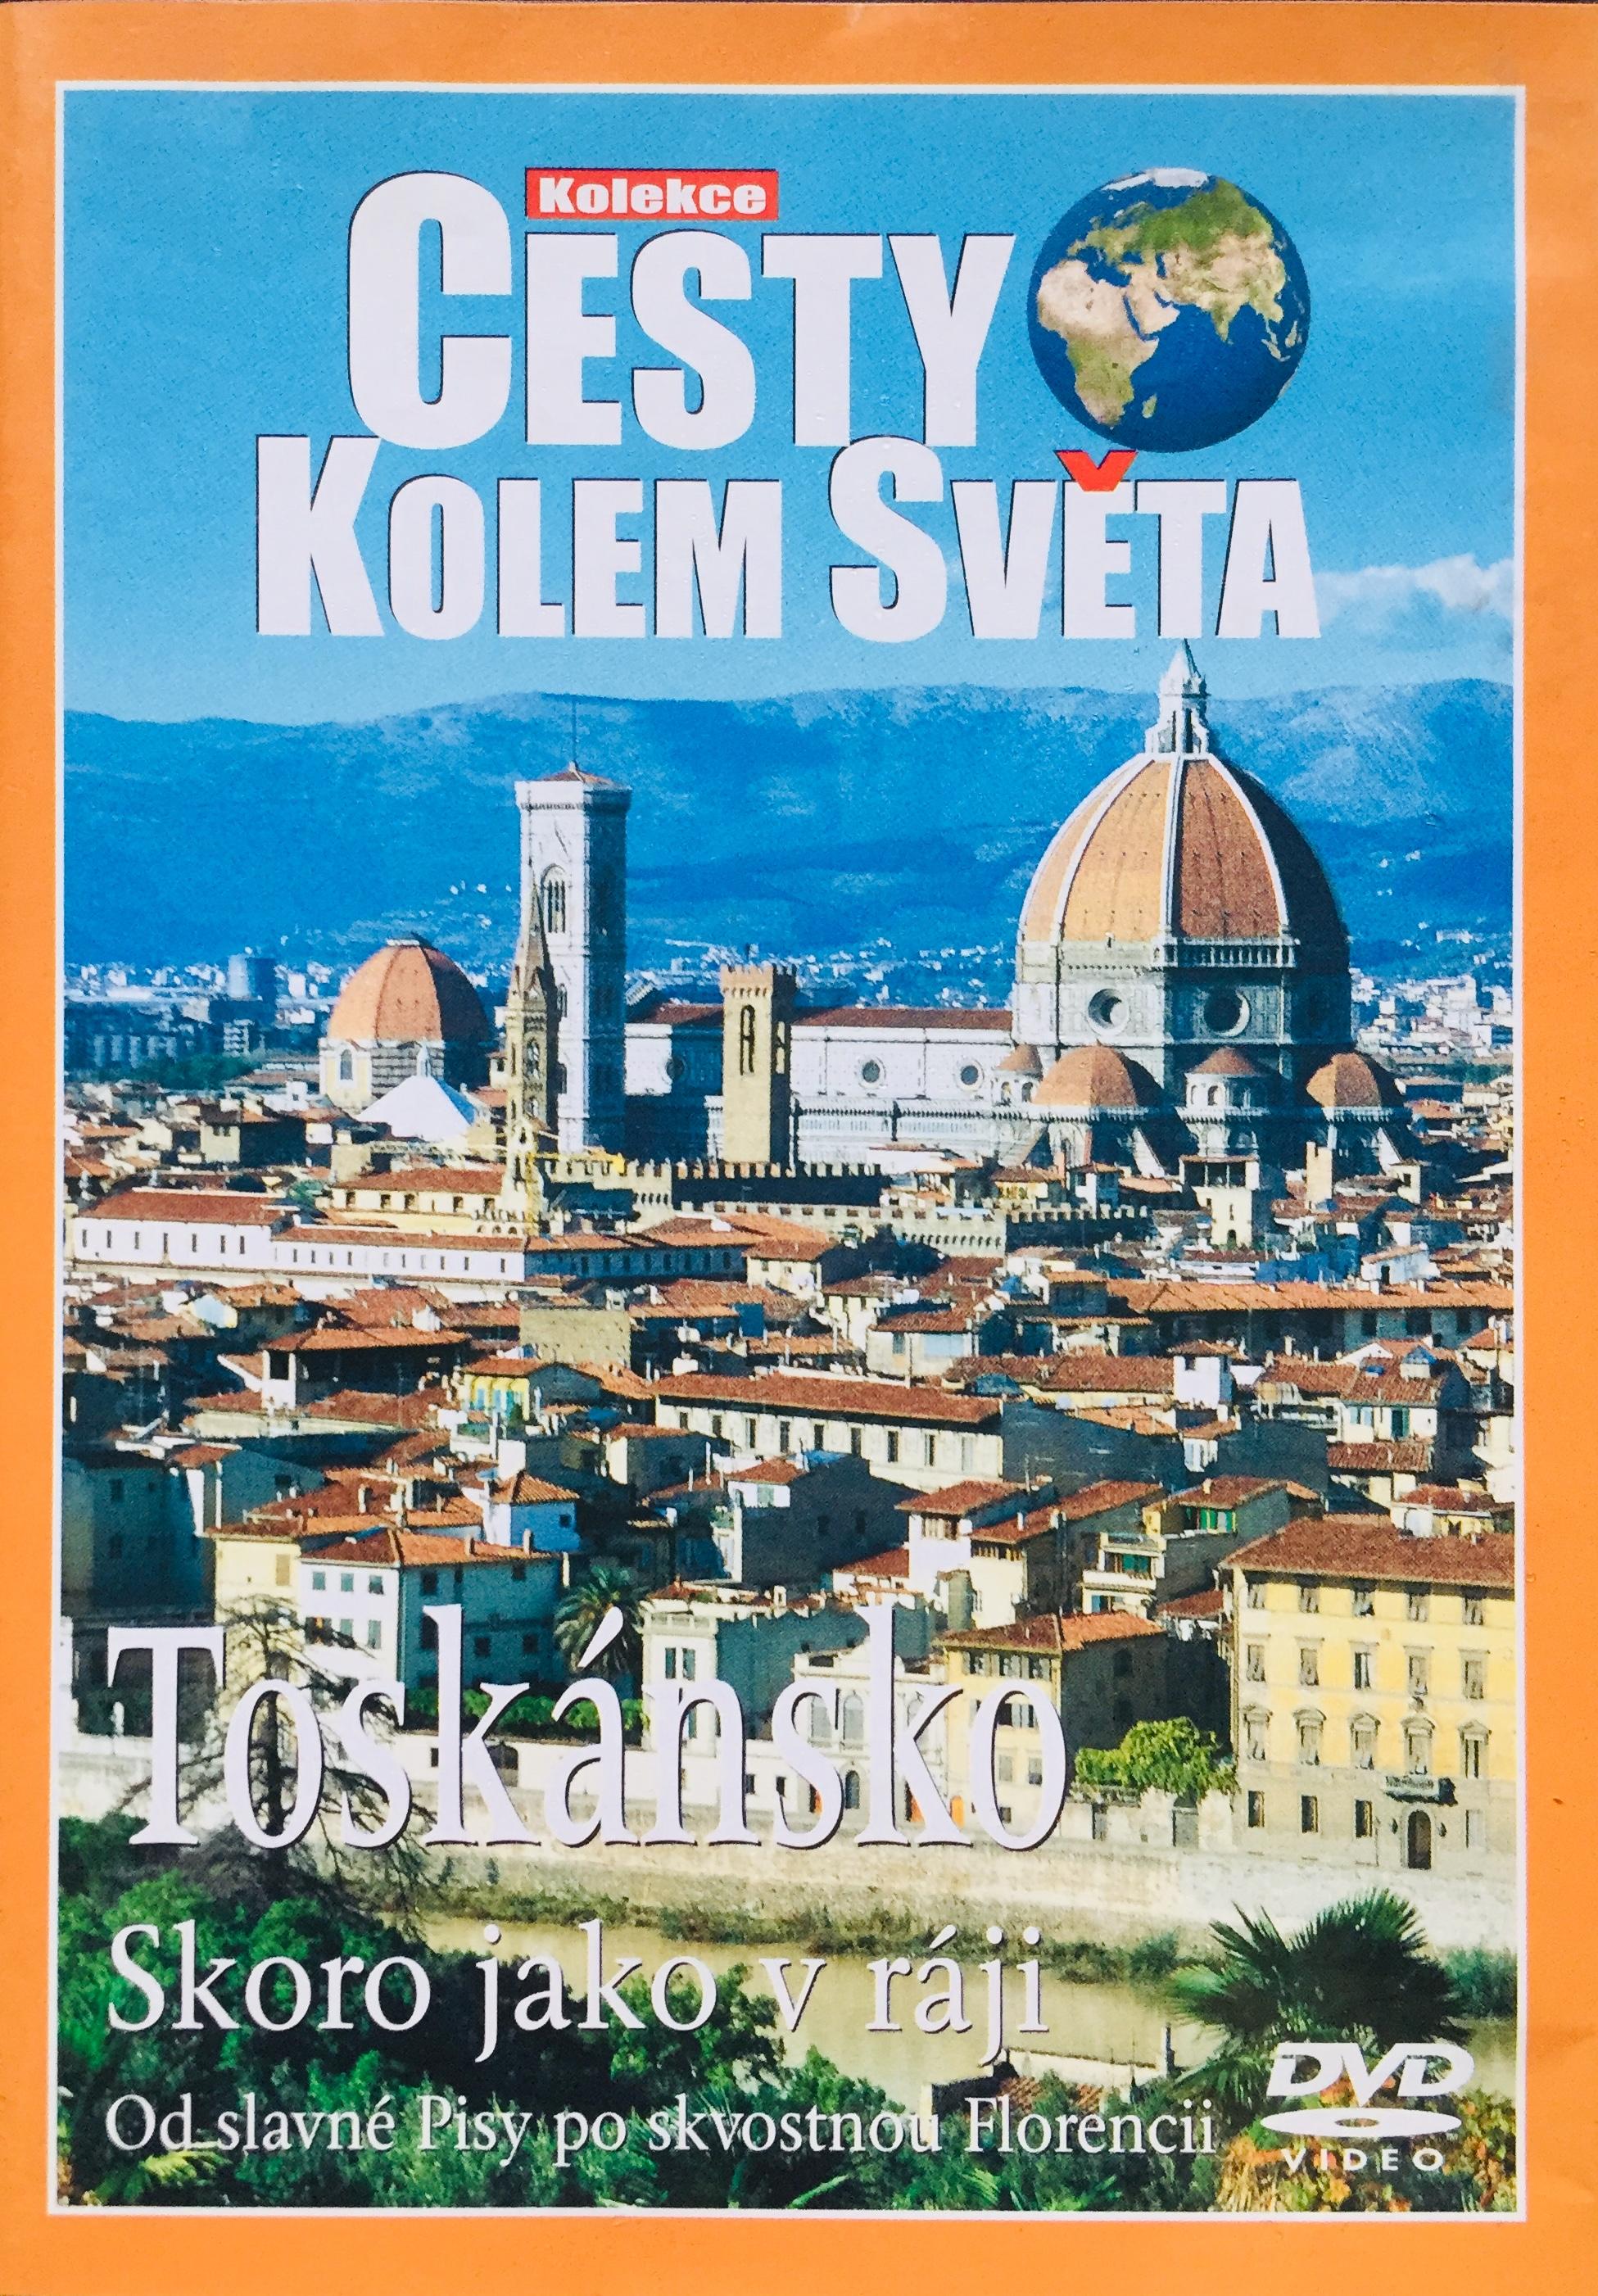 Cesty kolem světa - Toskánsko - DVD /plast/